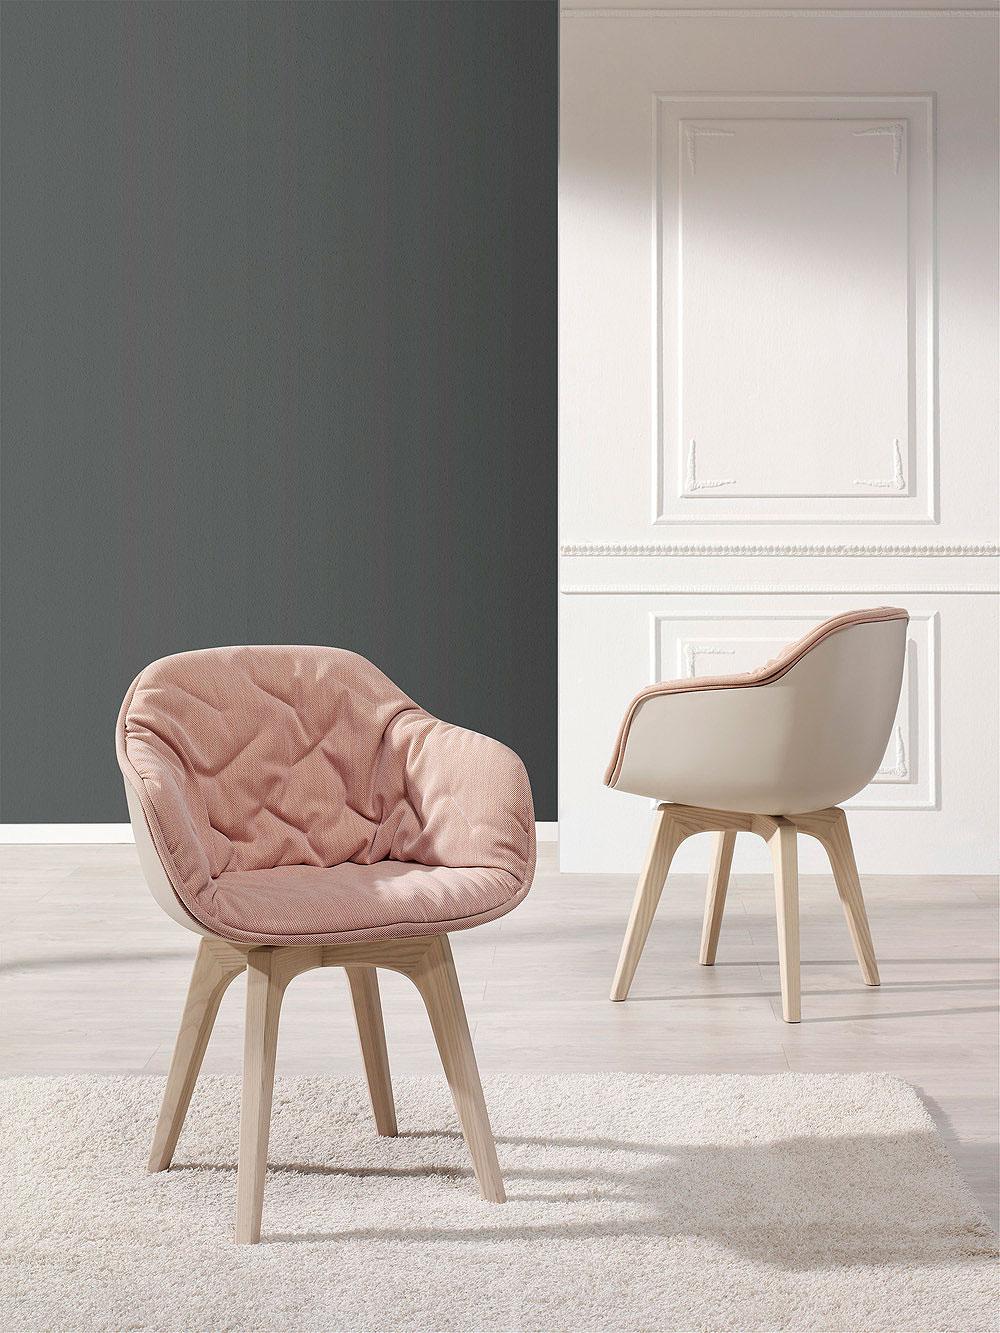 silla-lap-dressy-mobliberica-santiago-sevillano (3)